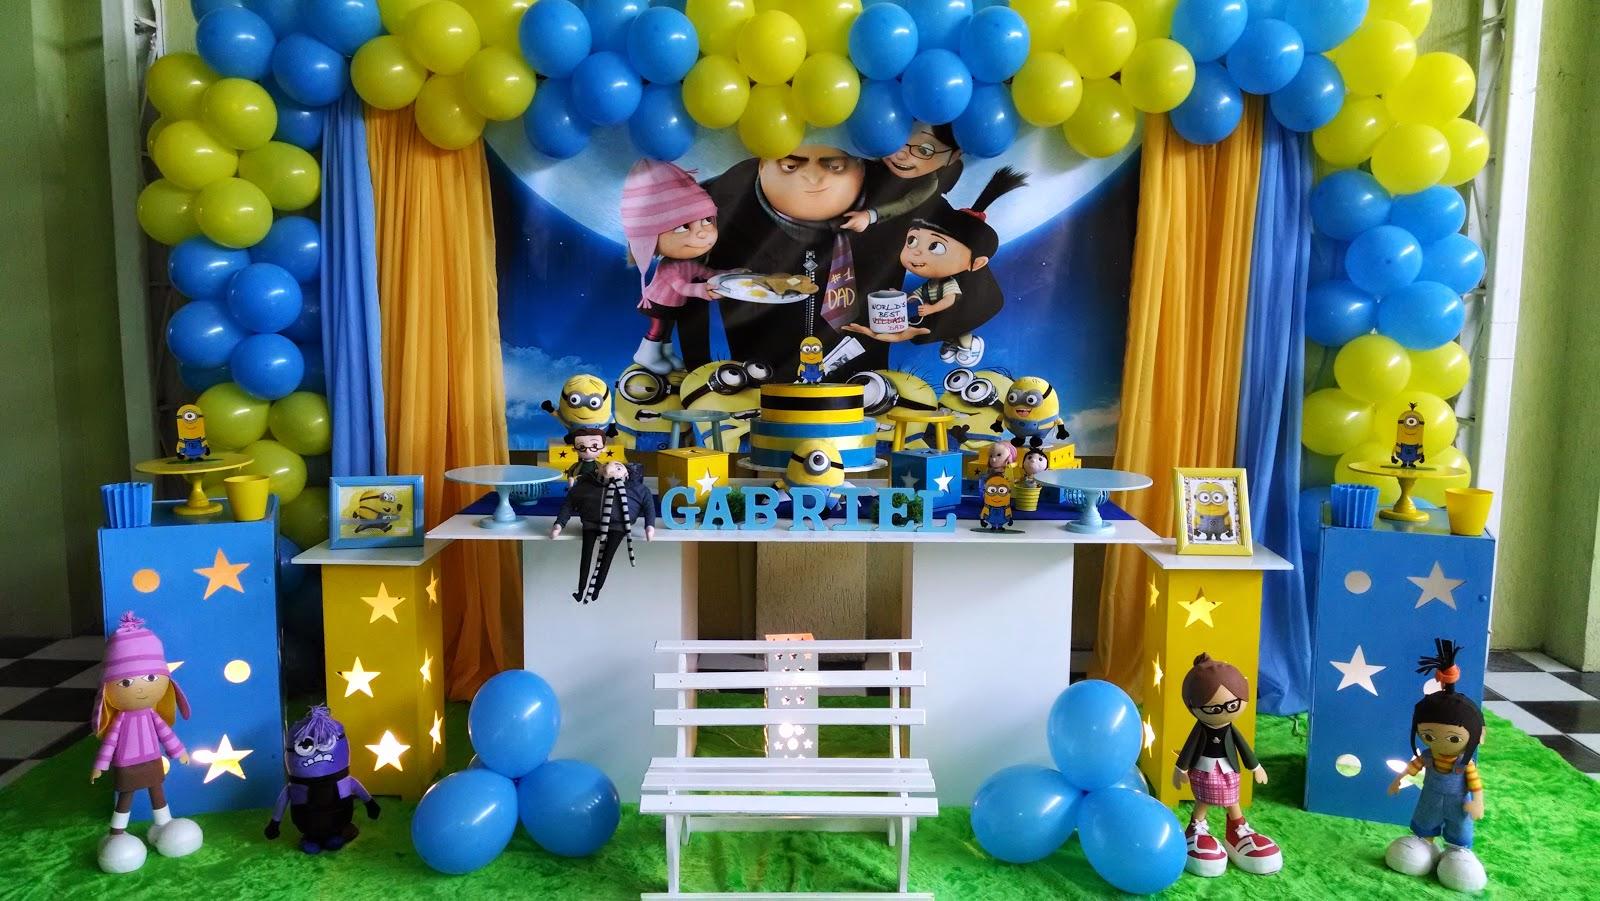 decoracao festa minions : decoracao festa minions: provençal festa infantil: Decoração Minions Meu Malvado Favorito